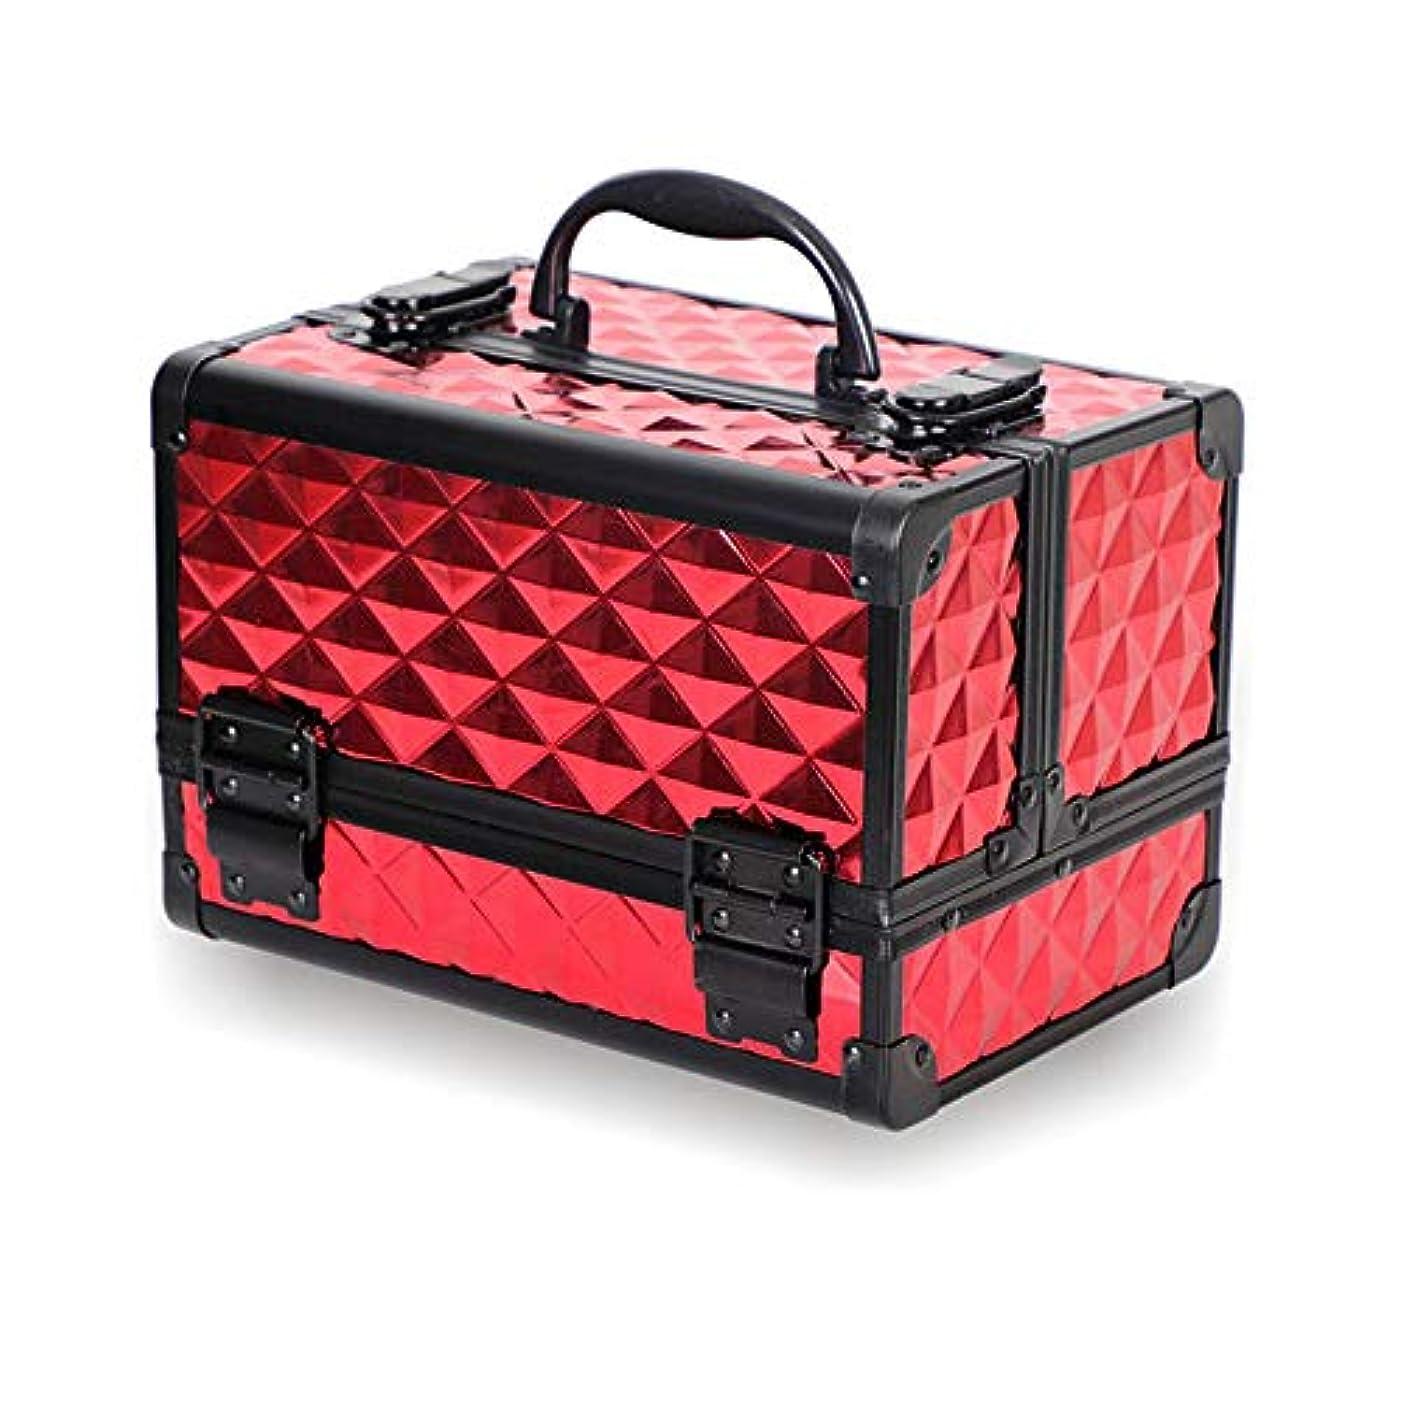 幻影放散する自分の特大スペース収納ビューティーボックス 美の構造のためそしてジッパーおよび折る皿が付いている女の子の女性旅行そして毎日の貯蔵のための高容量の携帯用化粧品袋 化粧品化粧台 (色 : 赤)